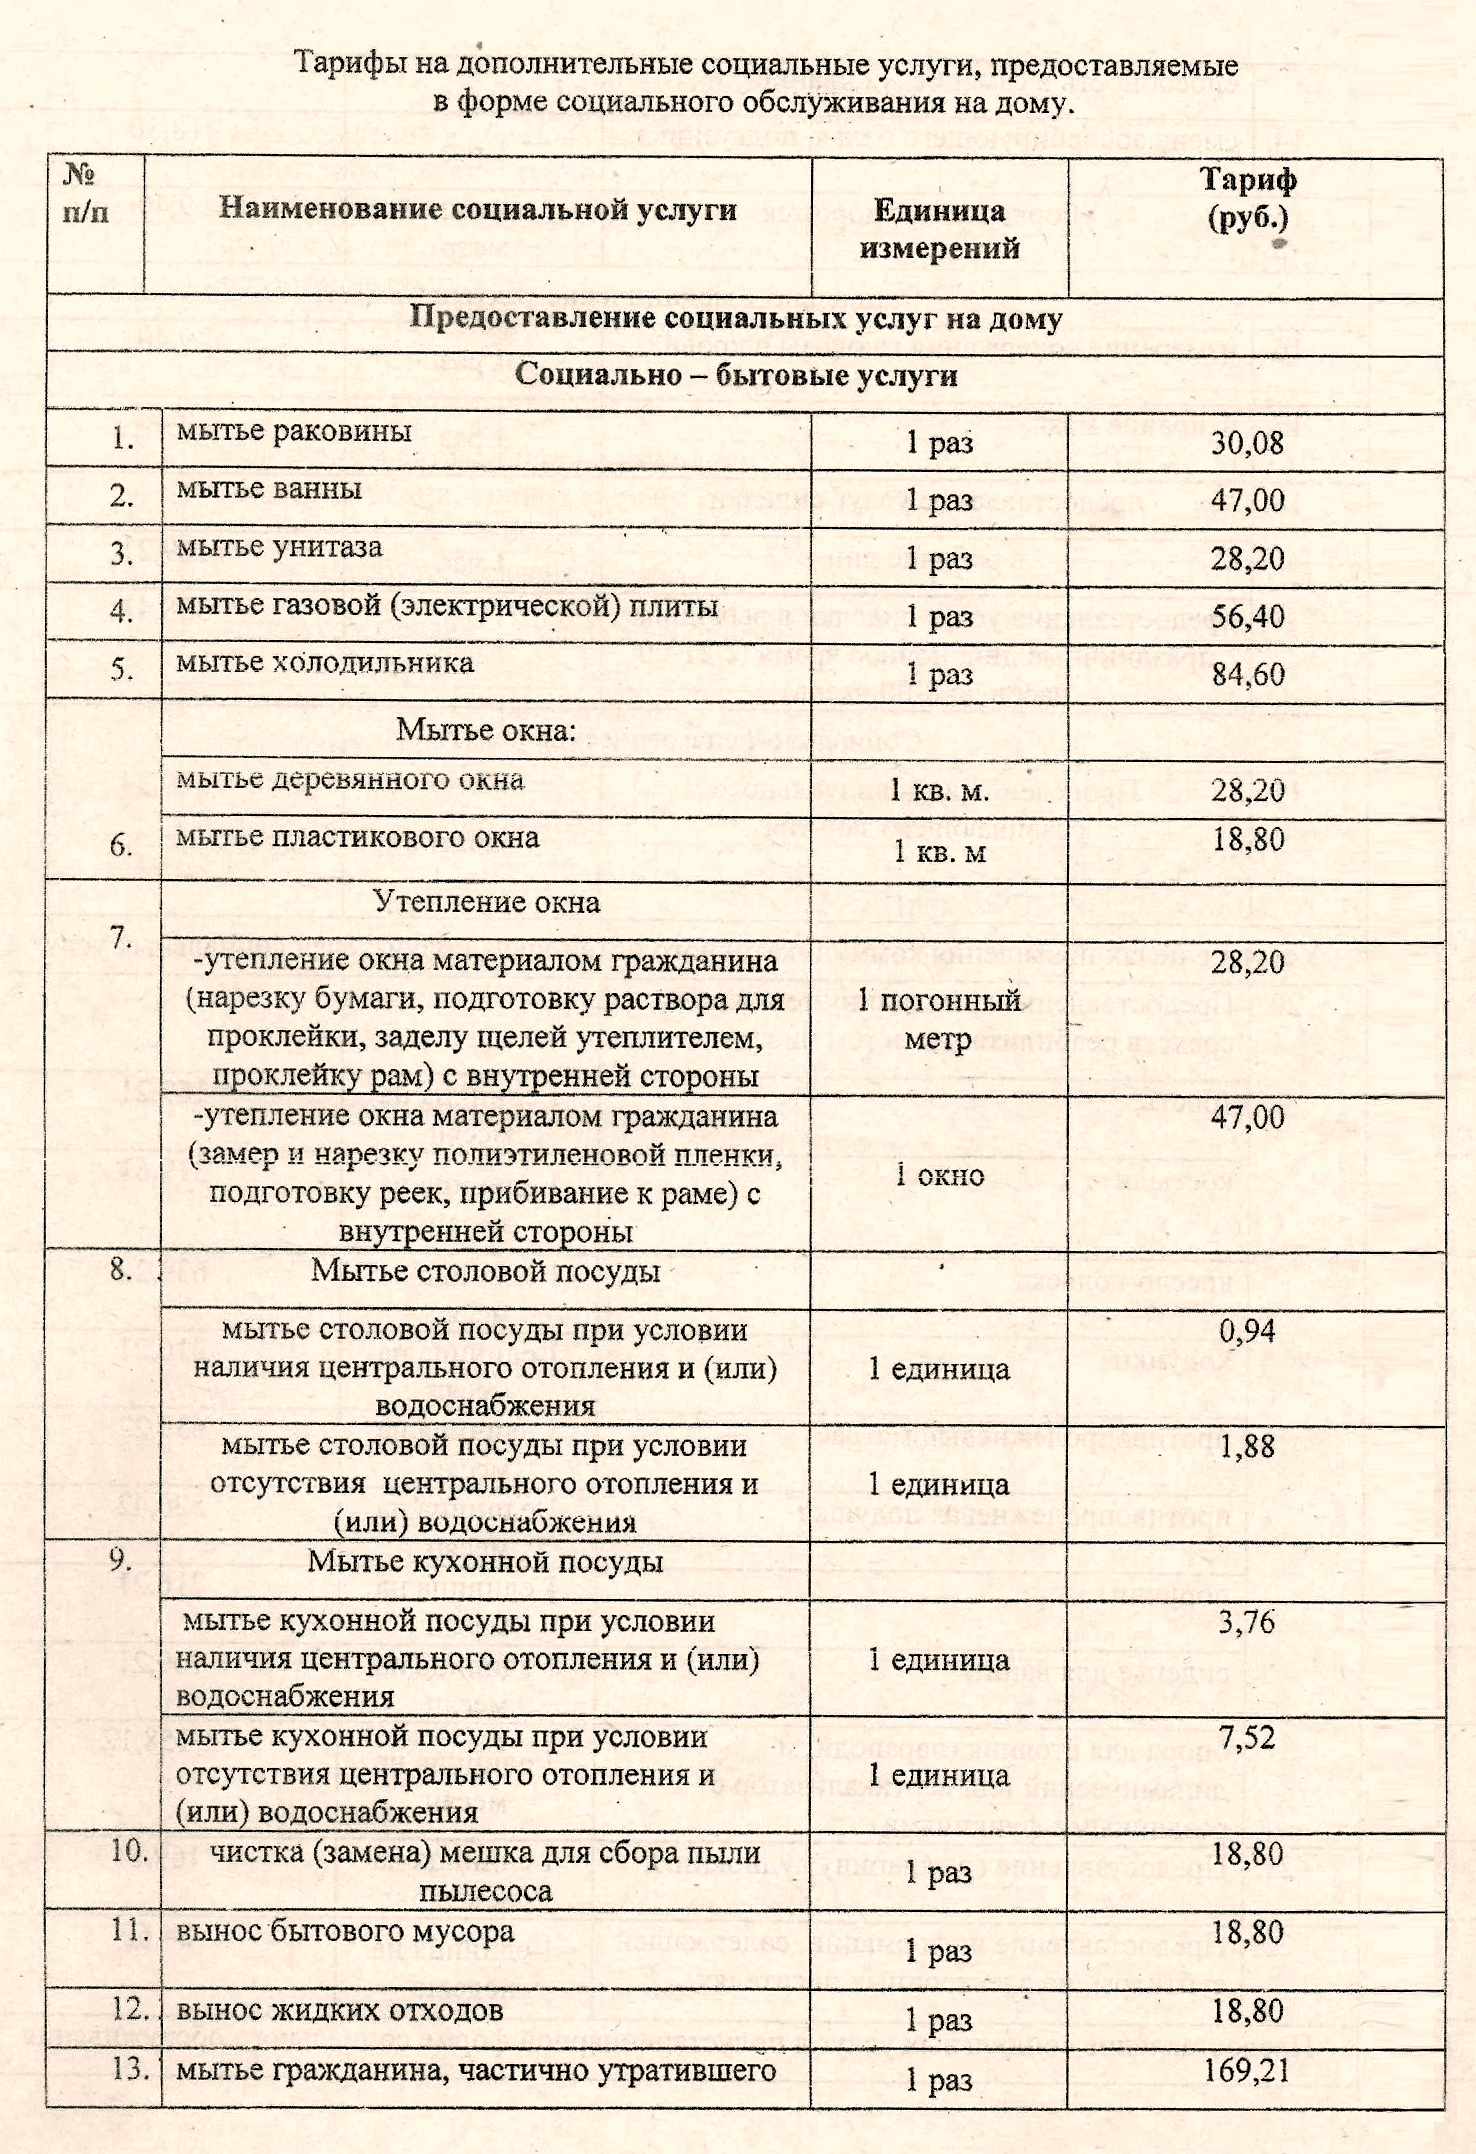 Прейскурант дополнительных услуг включает 26 видов с разными тарифами